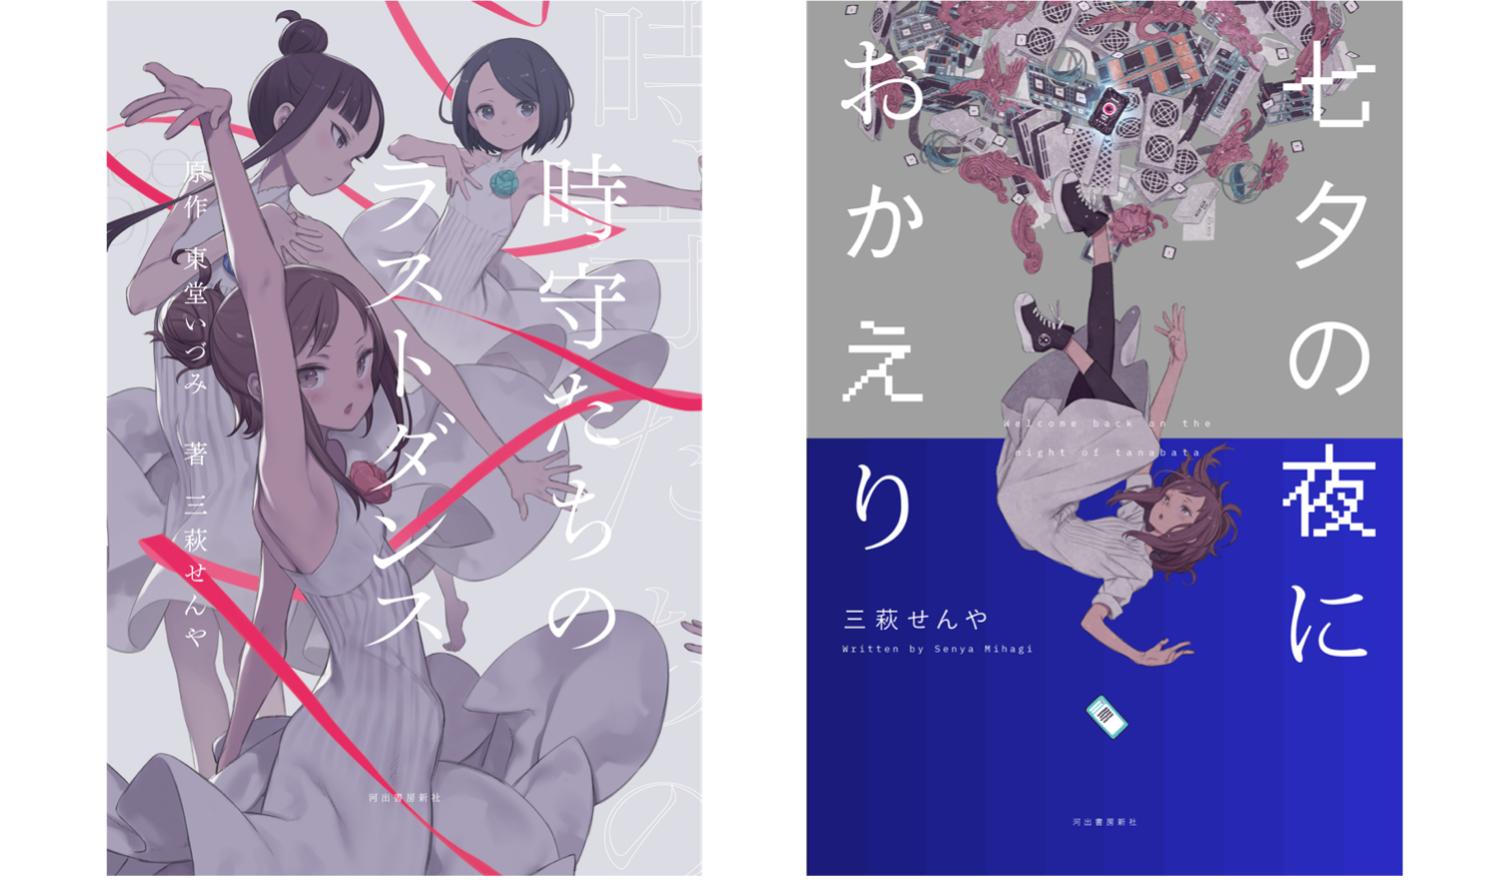 「小説×アニメPV」プロジェクト1